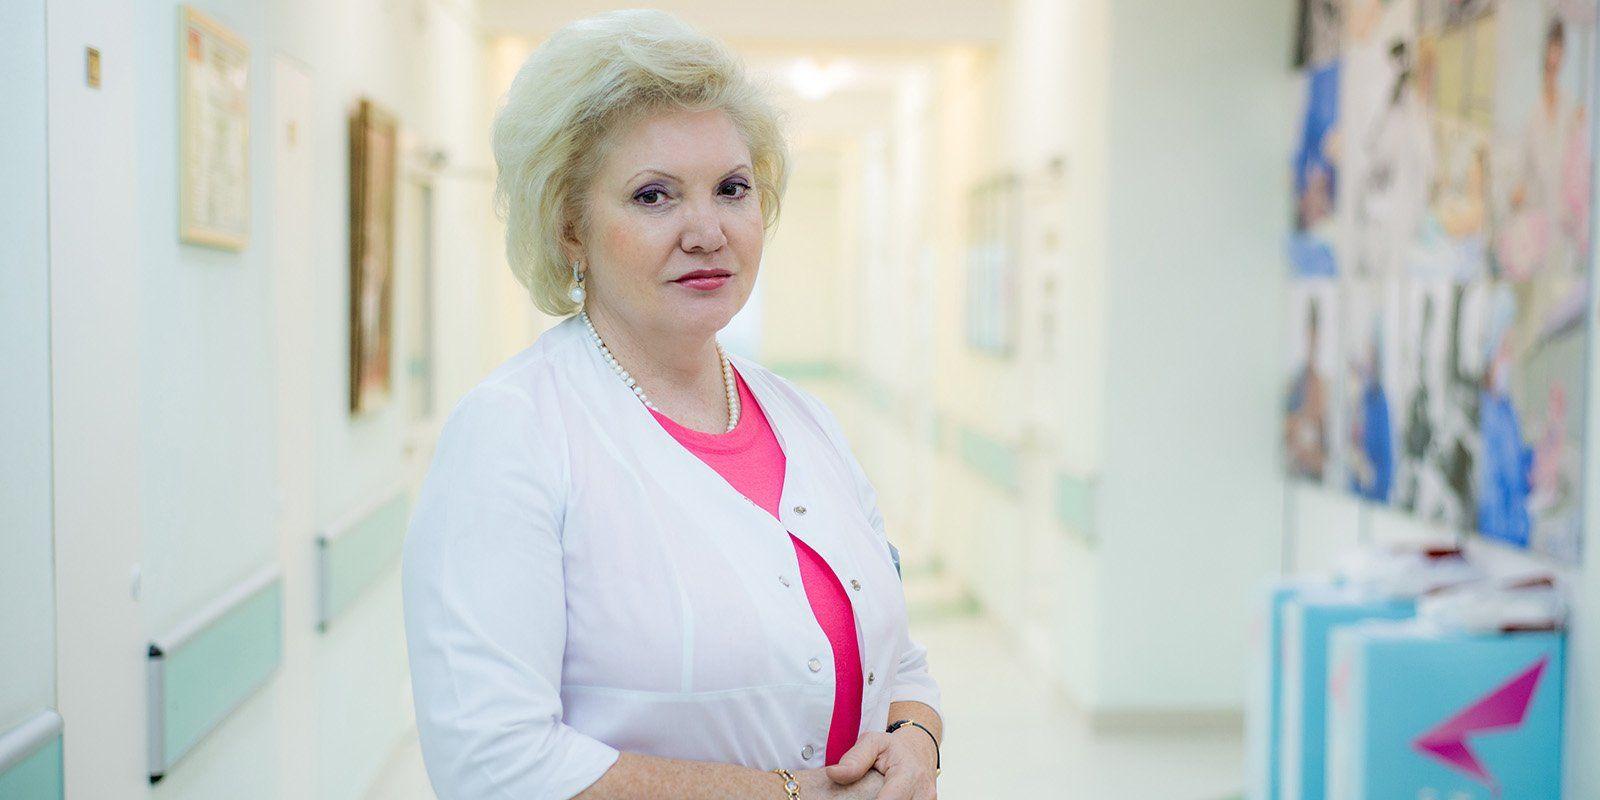 Депутат МГД Шарапова: В Москве наградили волонтеров за помощь в борьбе с коронавирусом